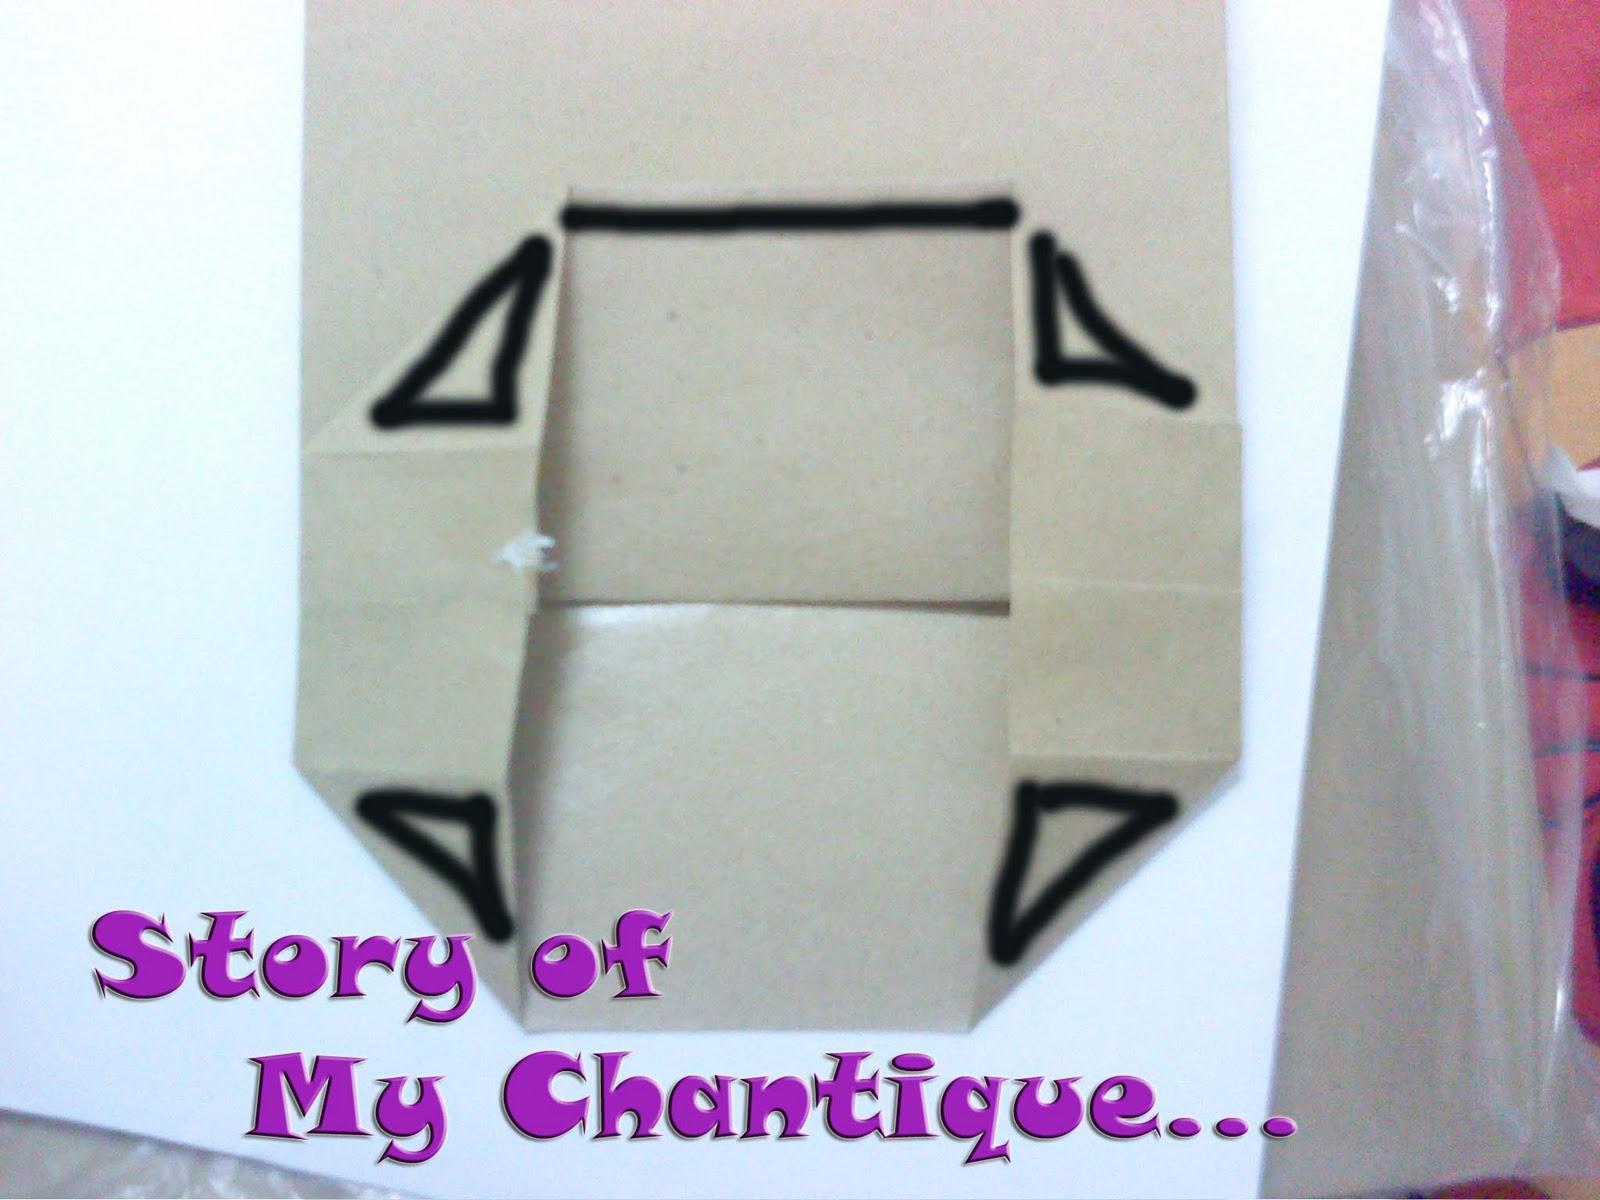 http://3.bp.blogspot.com/-Hi-LiBelpaA/Tn7Vz1kn5OI/AAAAAAAAAMc/HYfNDhzsz7E/s1600/12+copy.jpg